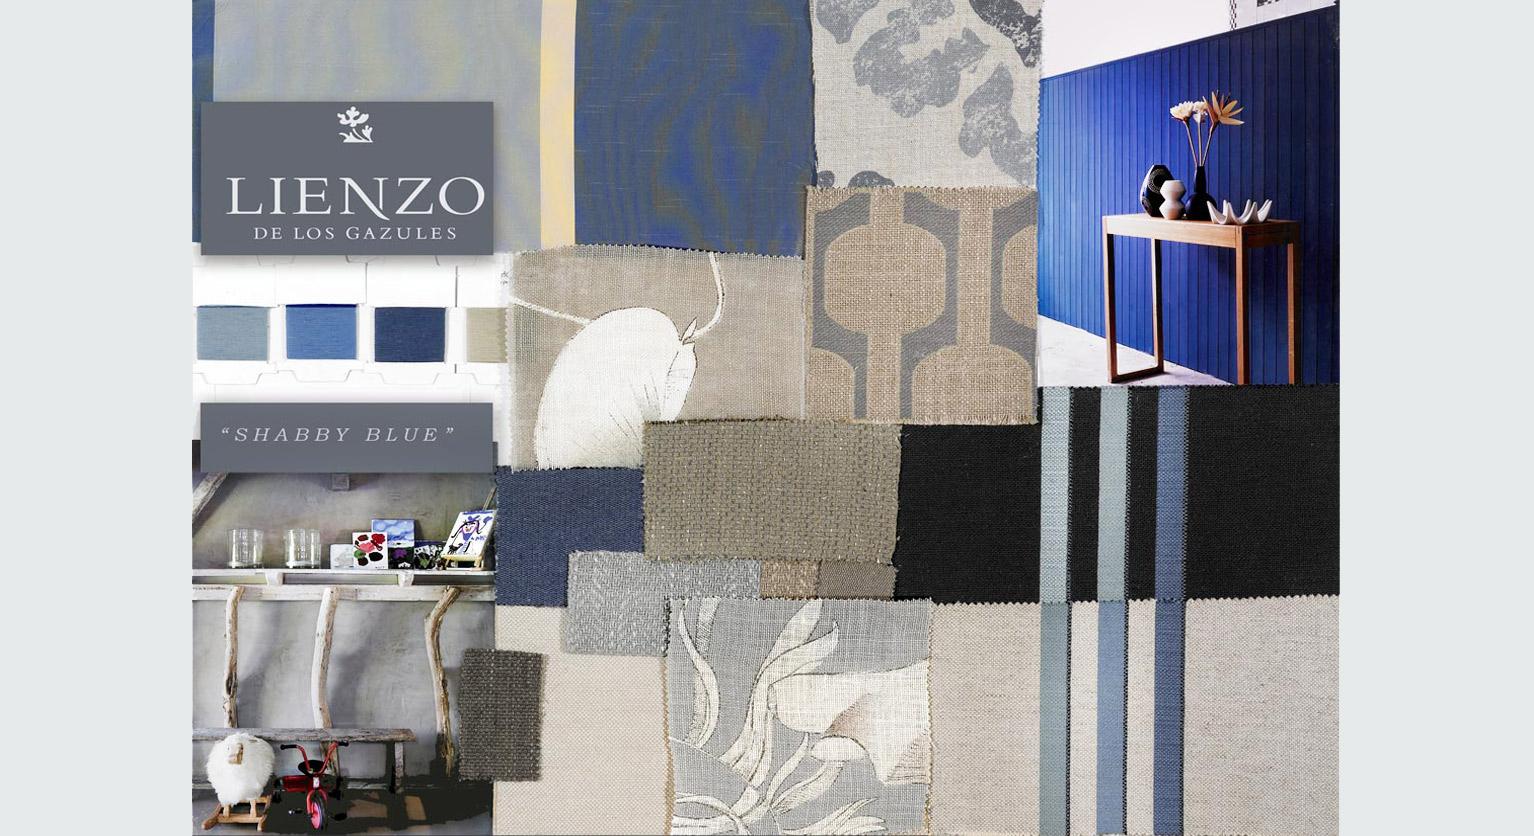 Chio Leon for Lienzo